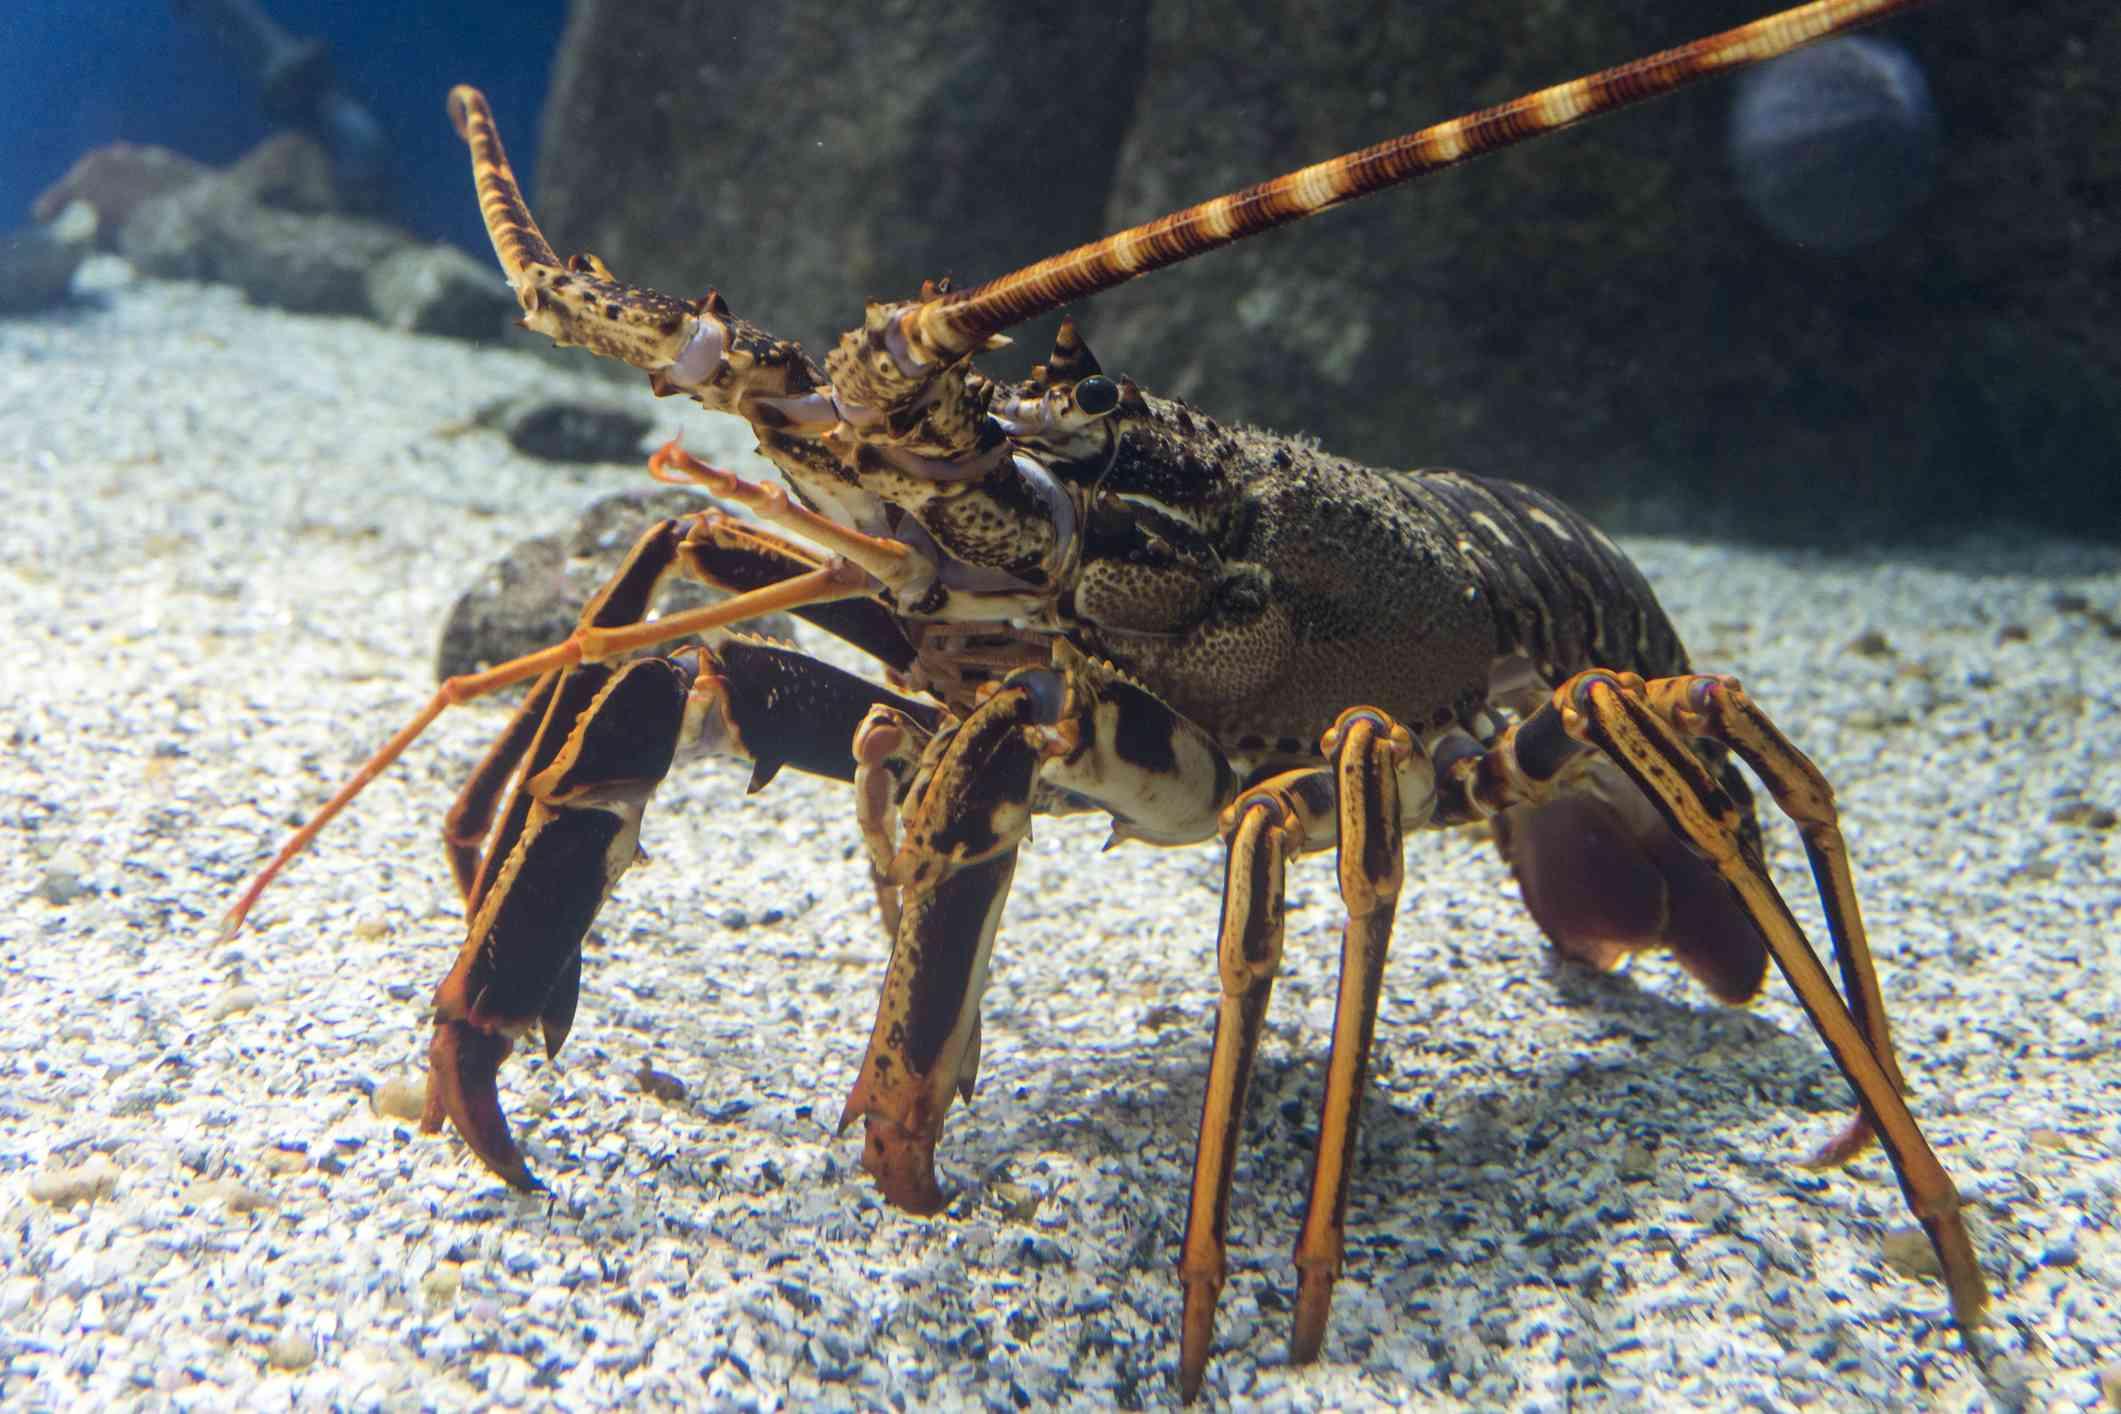 Lobster on the ocean floor